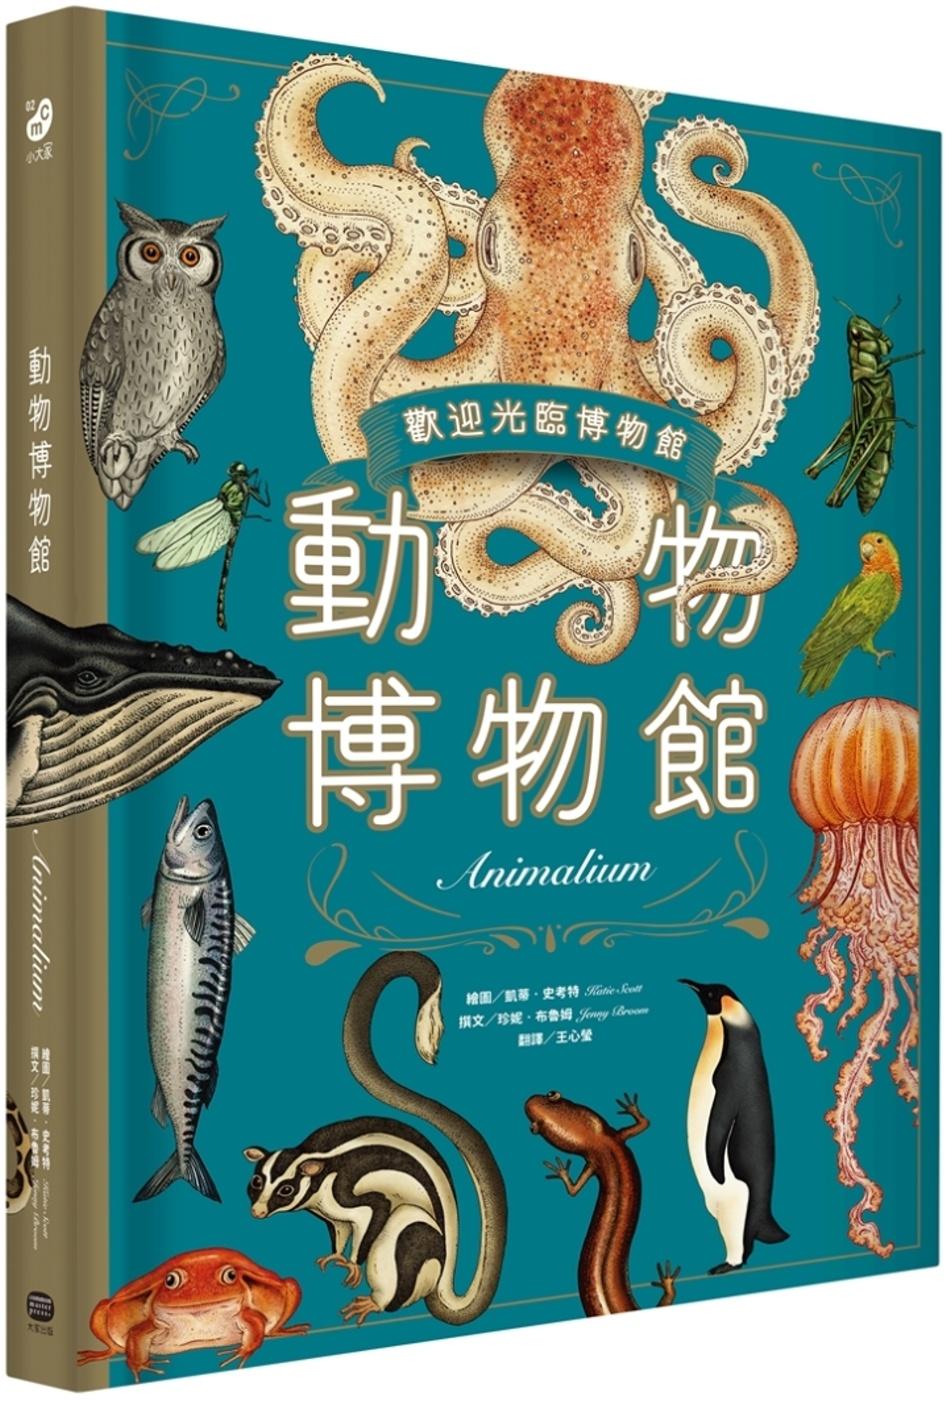 動物博物館【台灣獨家封面版】